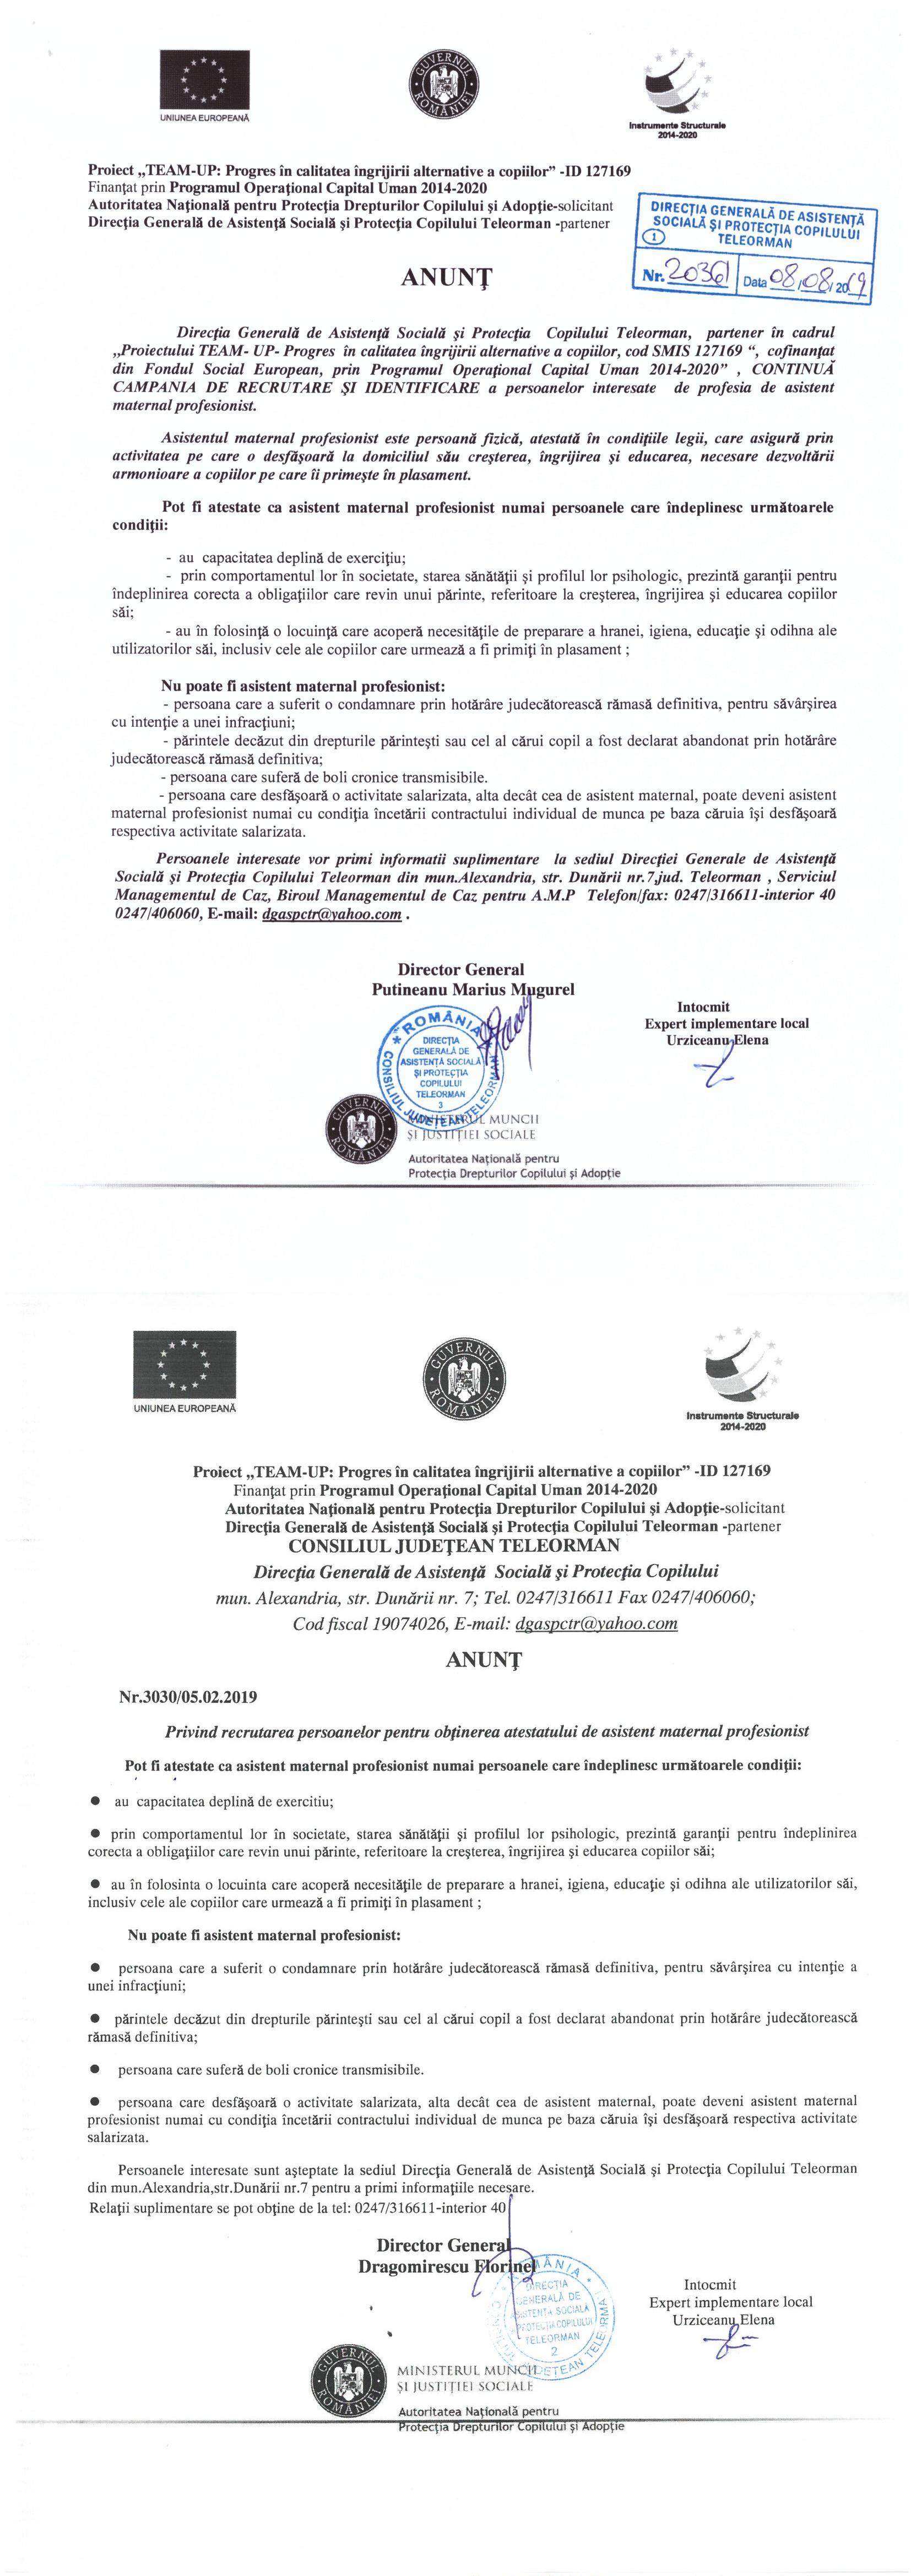 Anunt privind recrutarea persoanelor pentru obtinerea atestatului de AMP